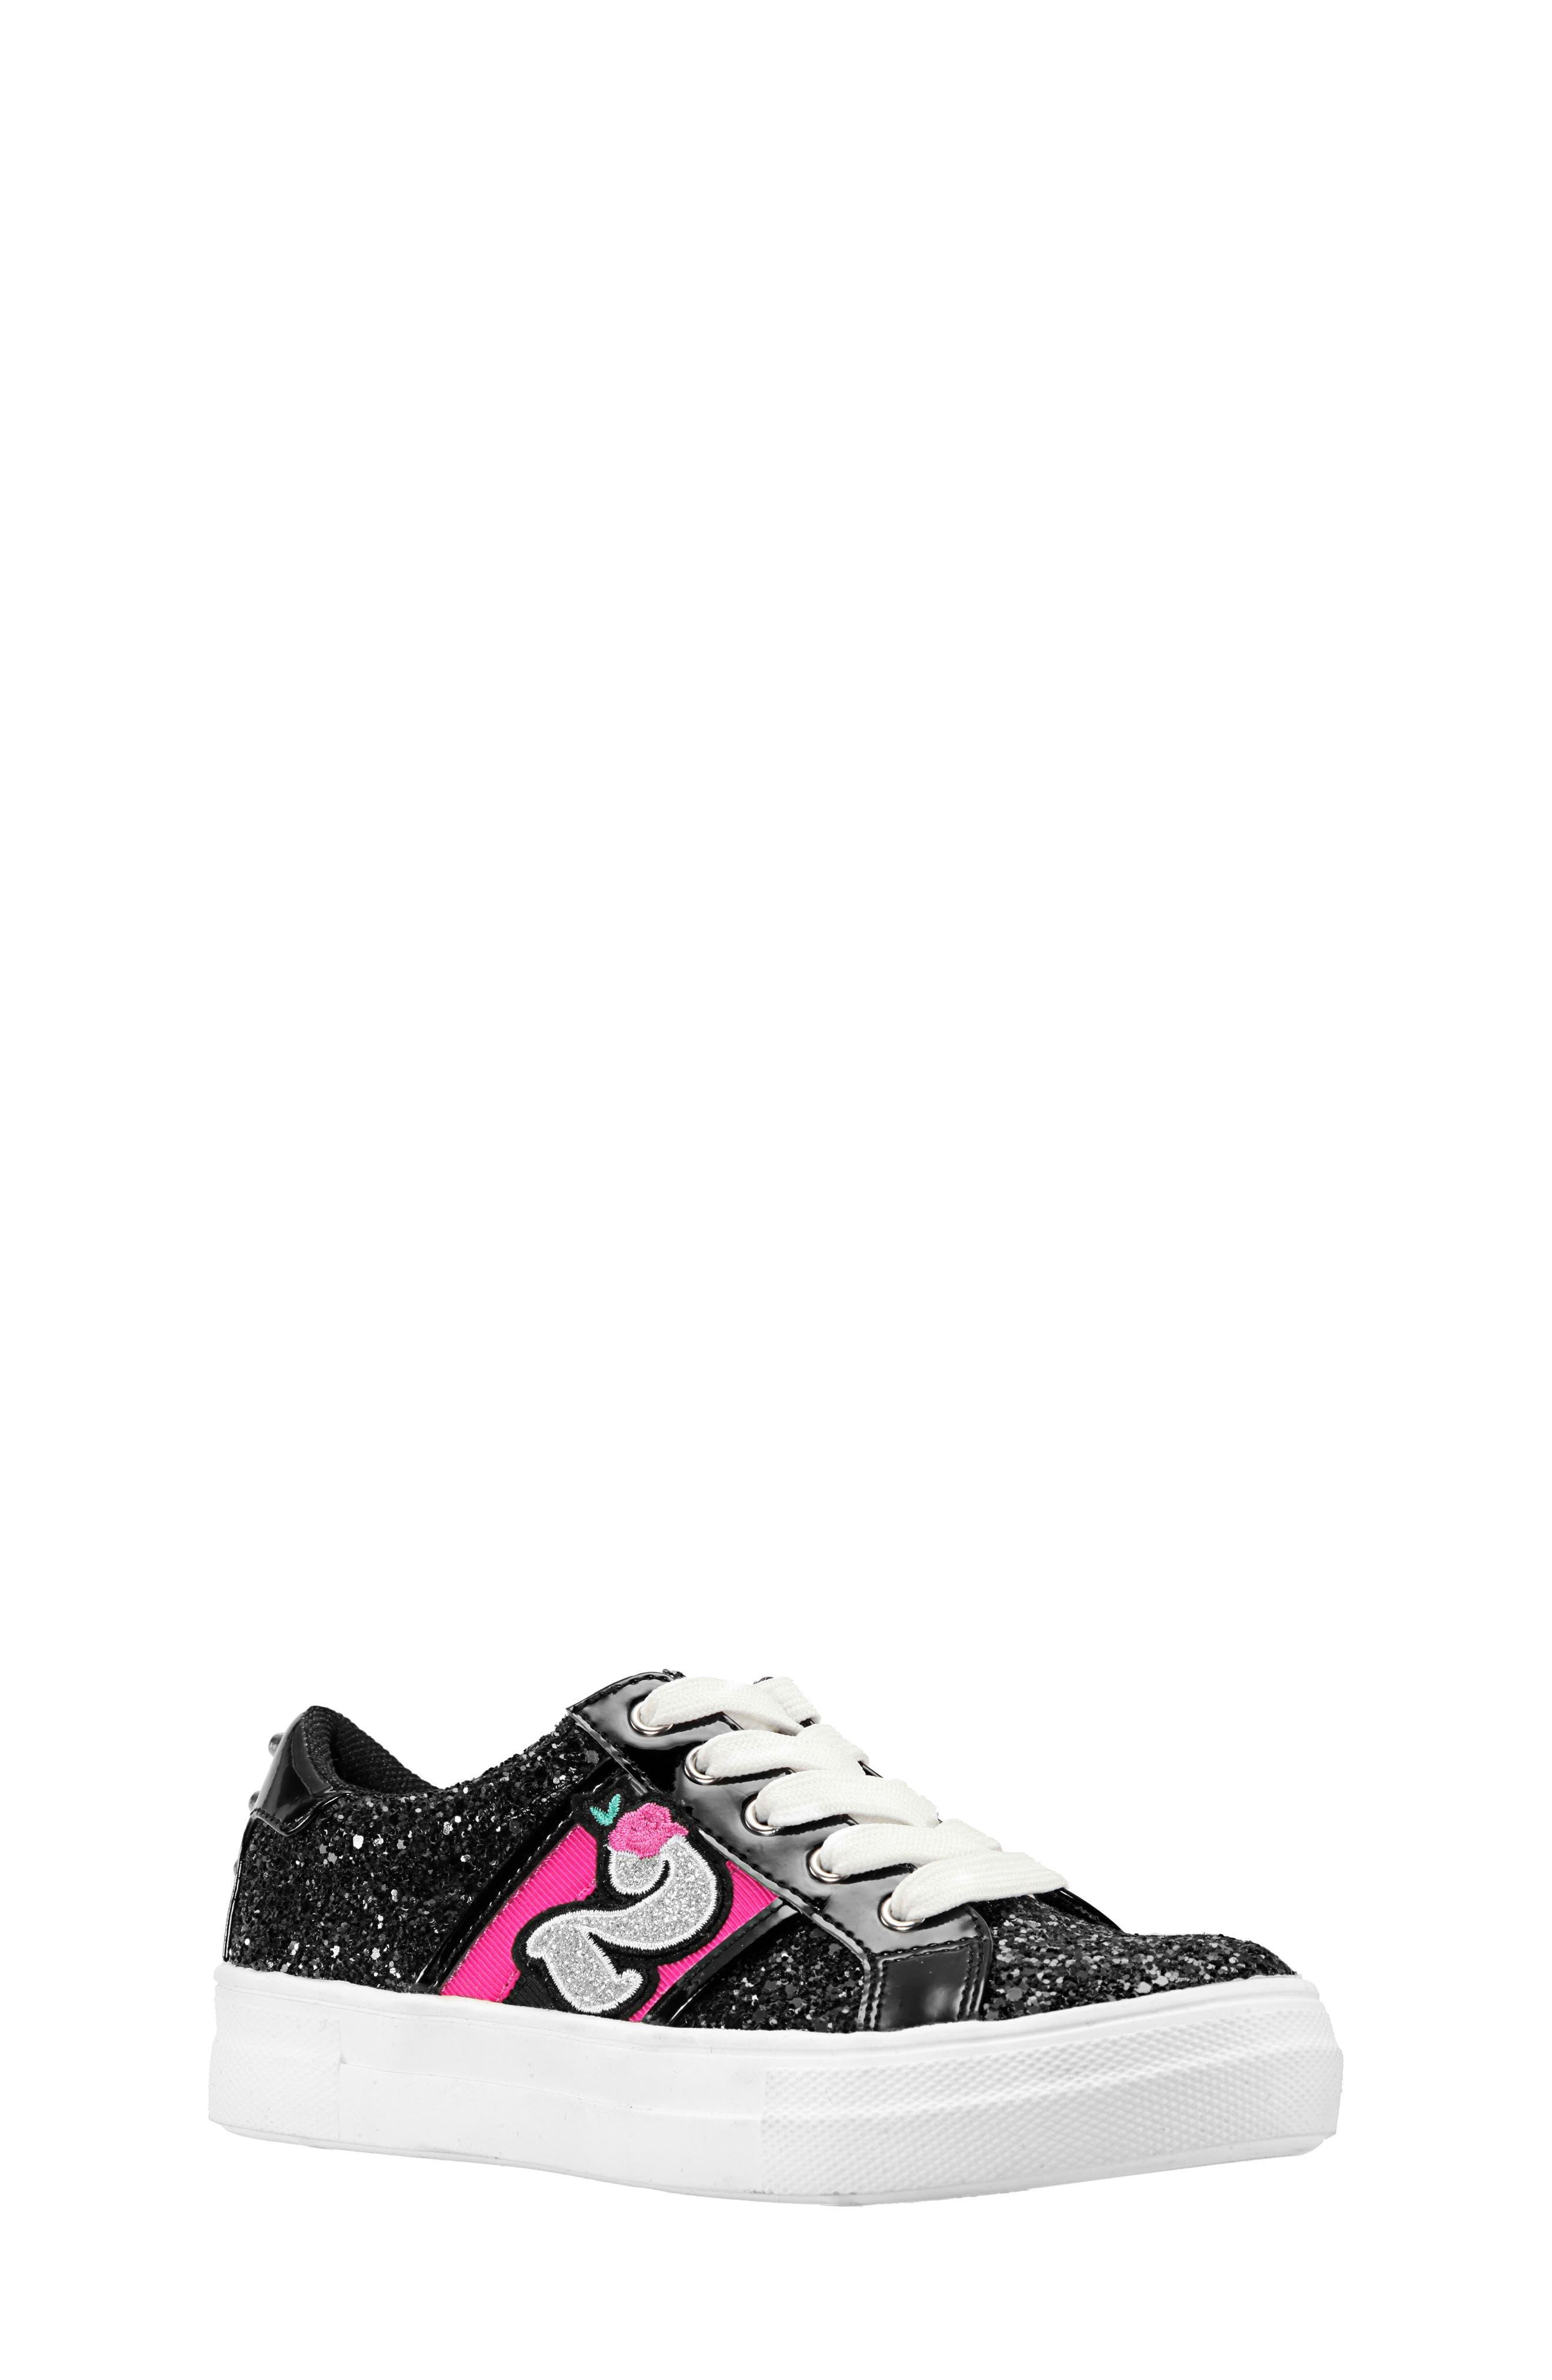 Hazeline-N Glitter Sneaker,                             Main thumbnail 1, color,                             BLACK CHUNKY GLITTER